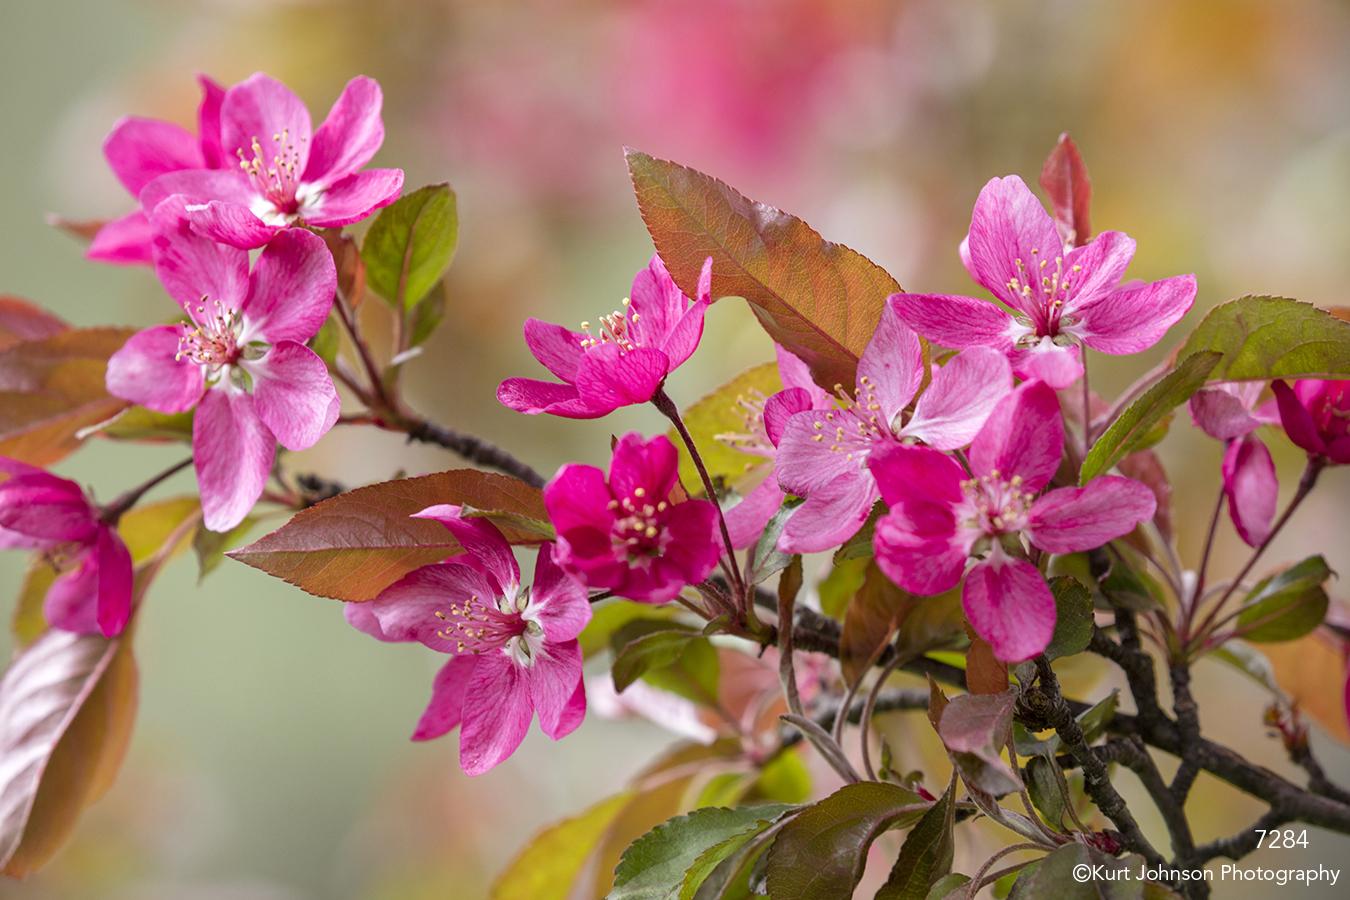 flower flowers pink buds blooming flowering tree spring